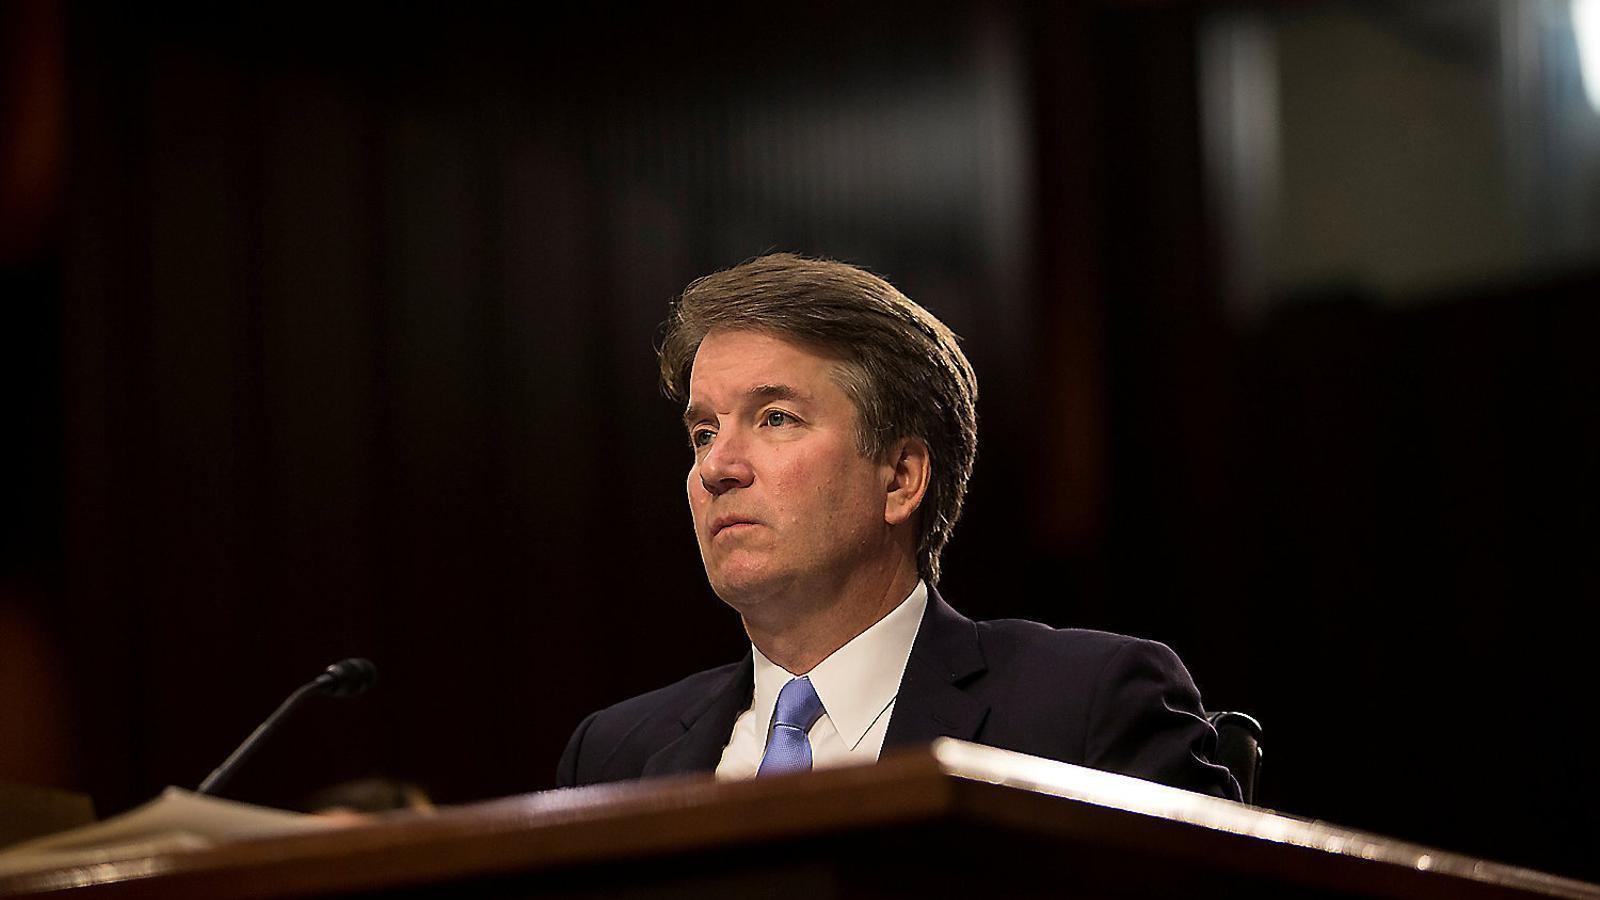 Brett Kavanaugh, el jutge candidat del president Donald Trump al Tribunal Suprem, durant una de les audiències que va fer ara fa uns dies al Senat.